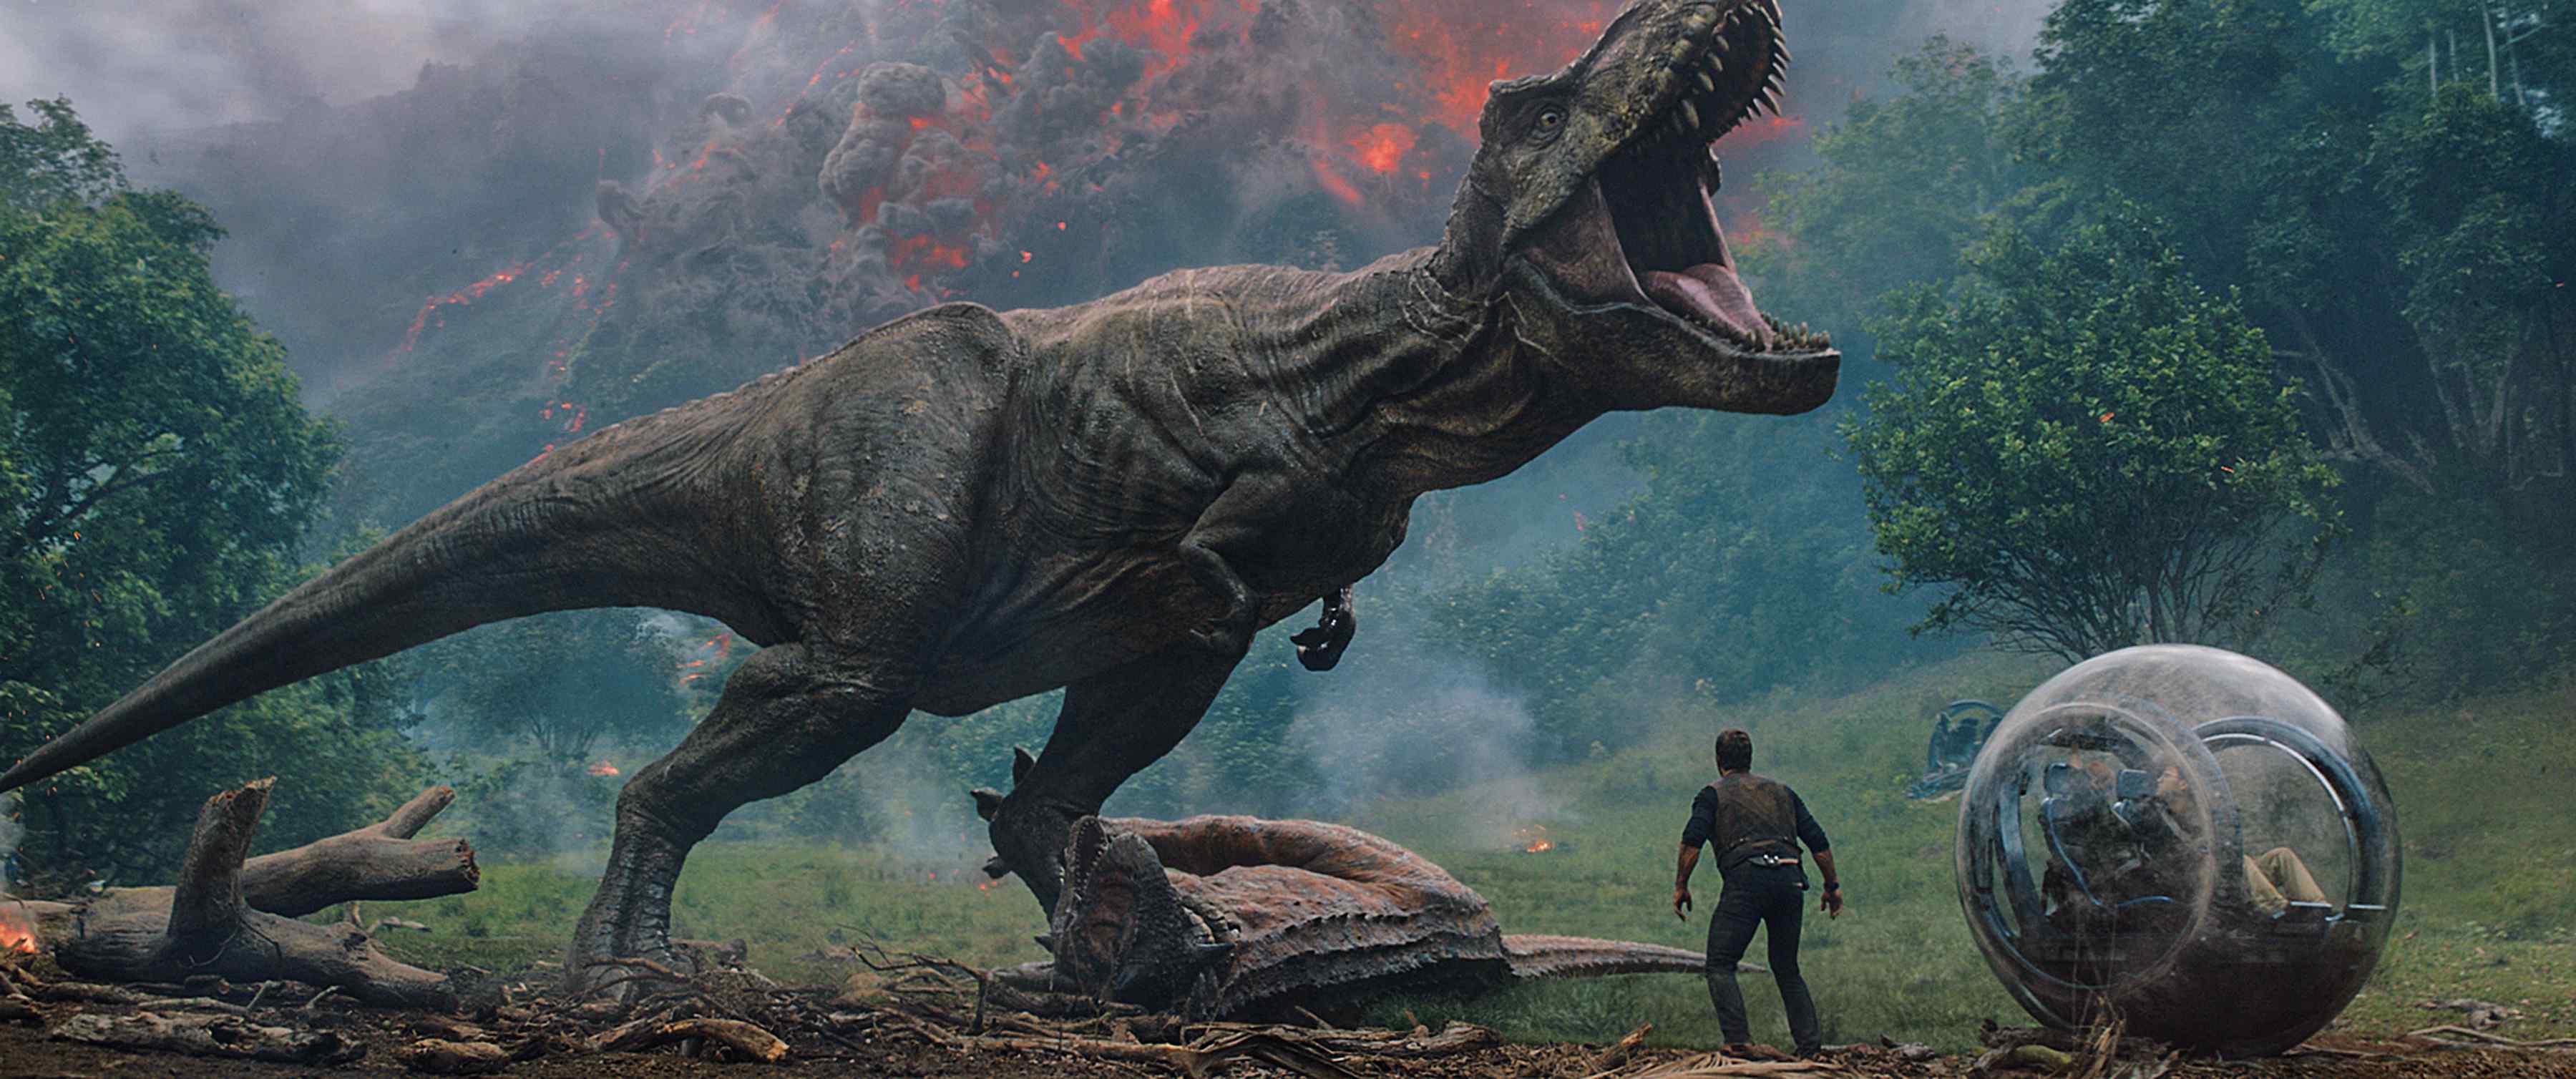 侏罗纪世界2_侏罗纪世界2剧照_侏罗纪世界2海报_侏罗纪世界2壁纸